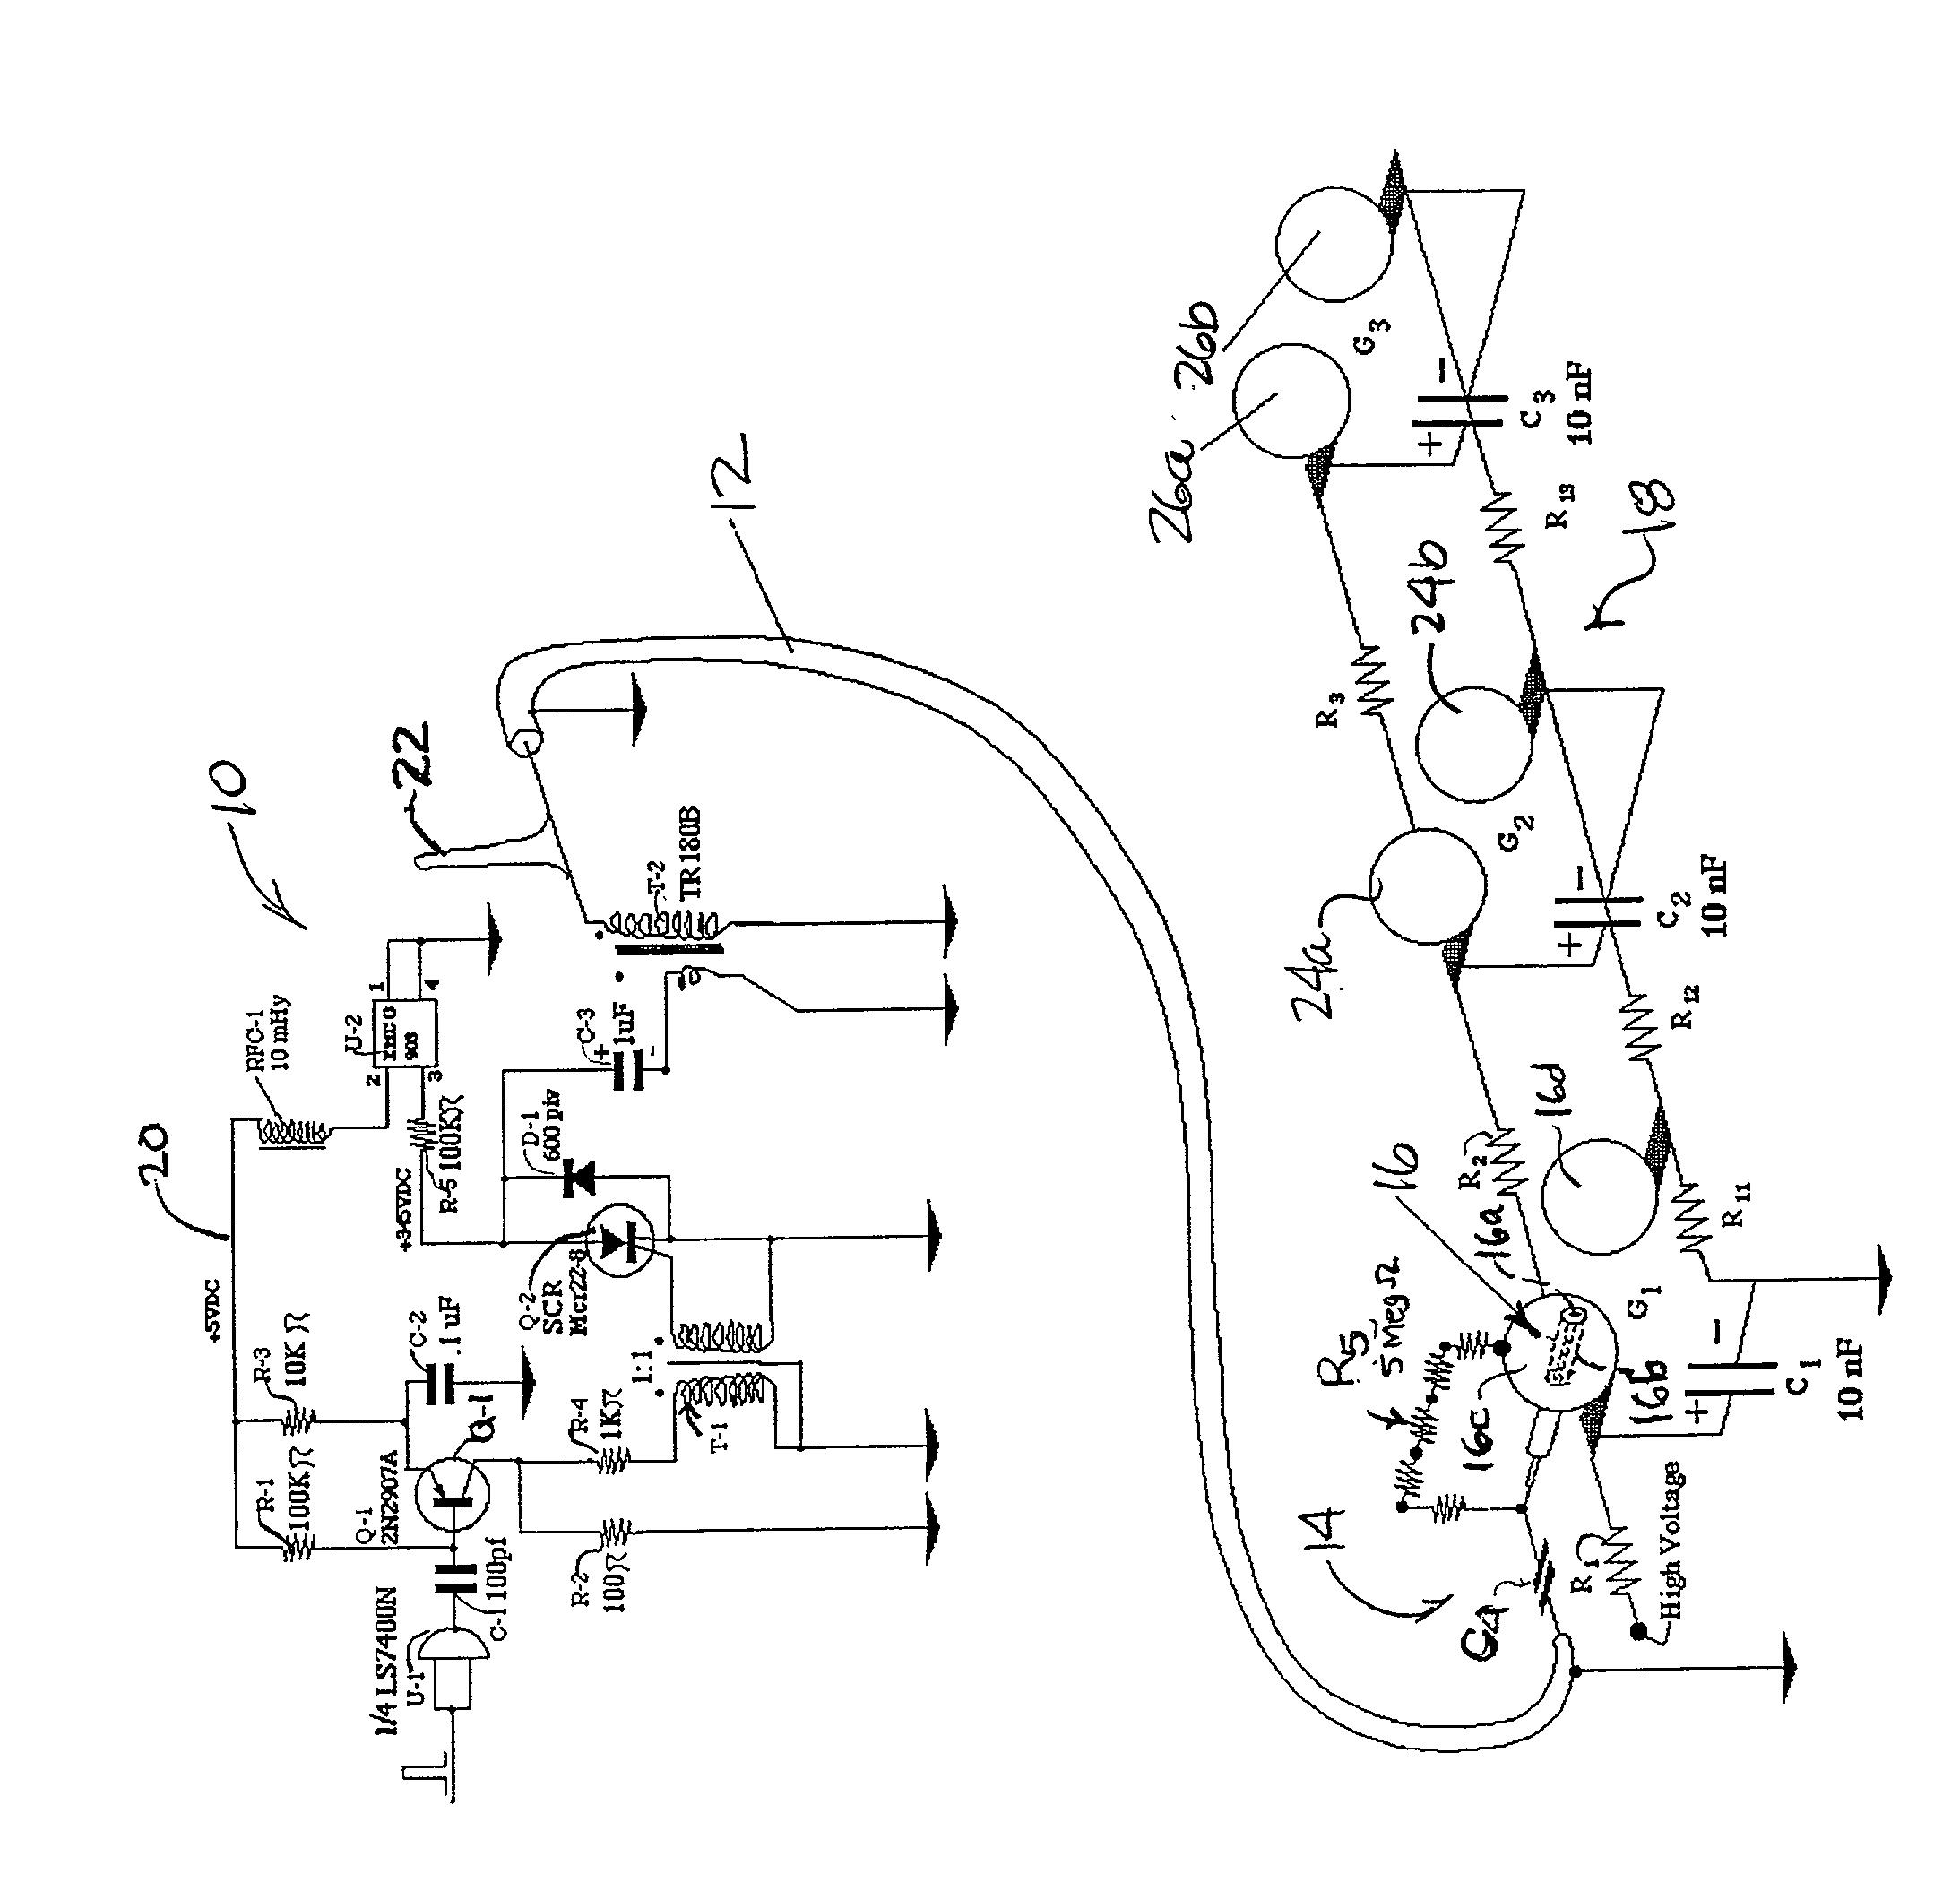 patent us20020105773